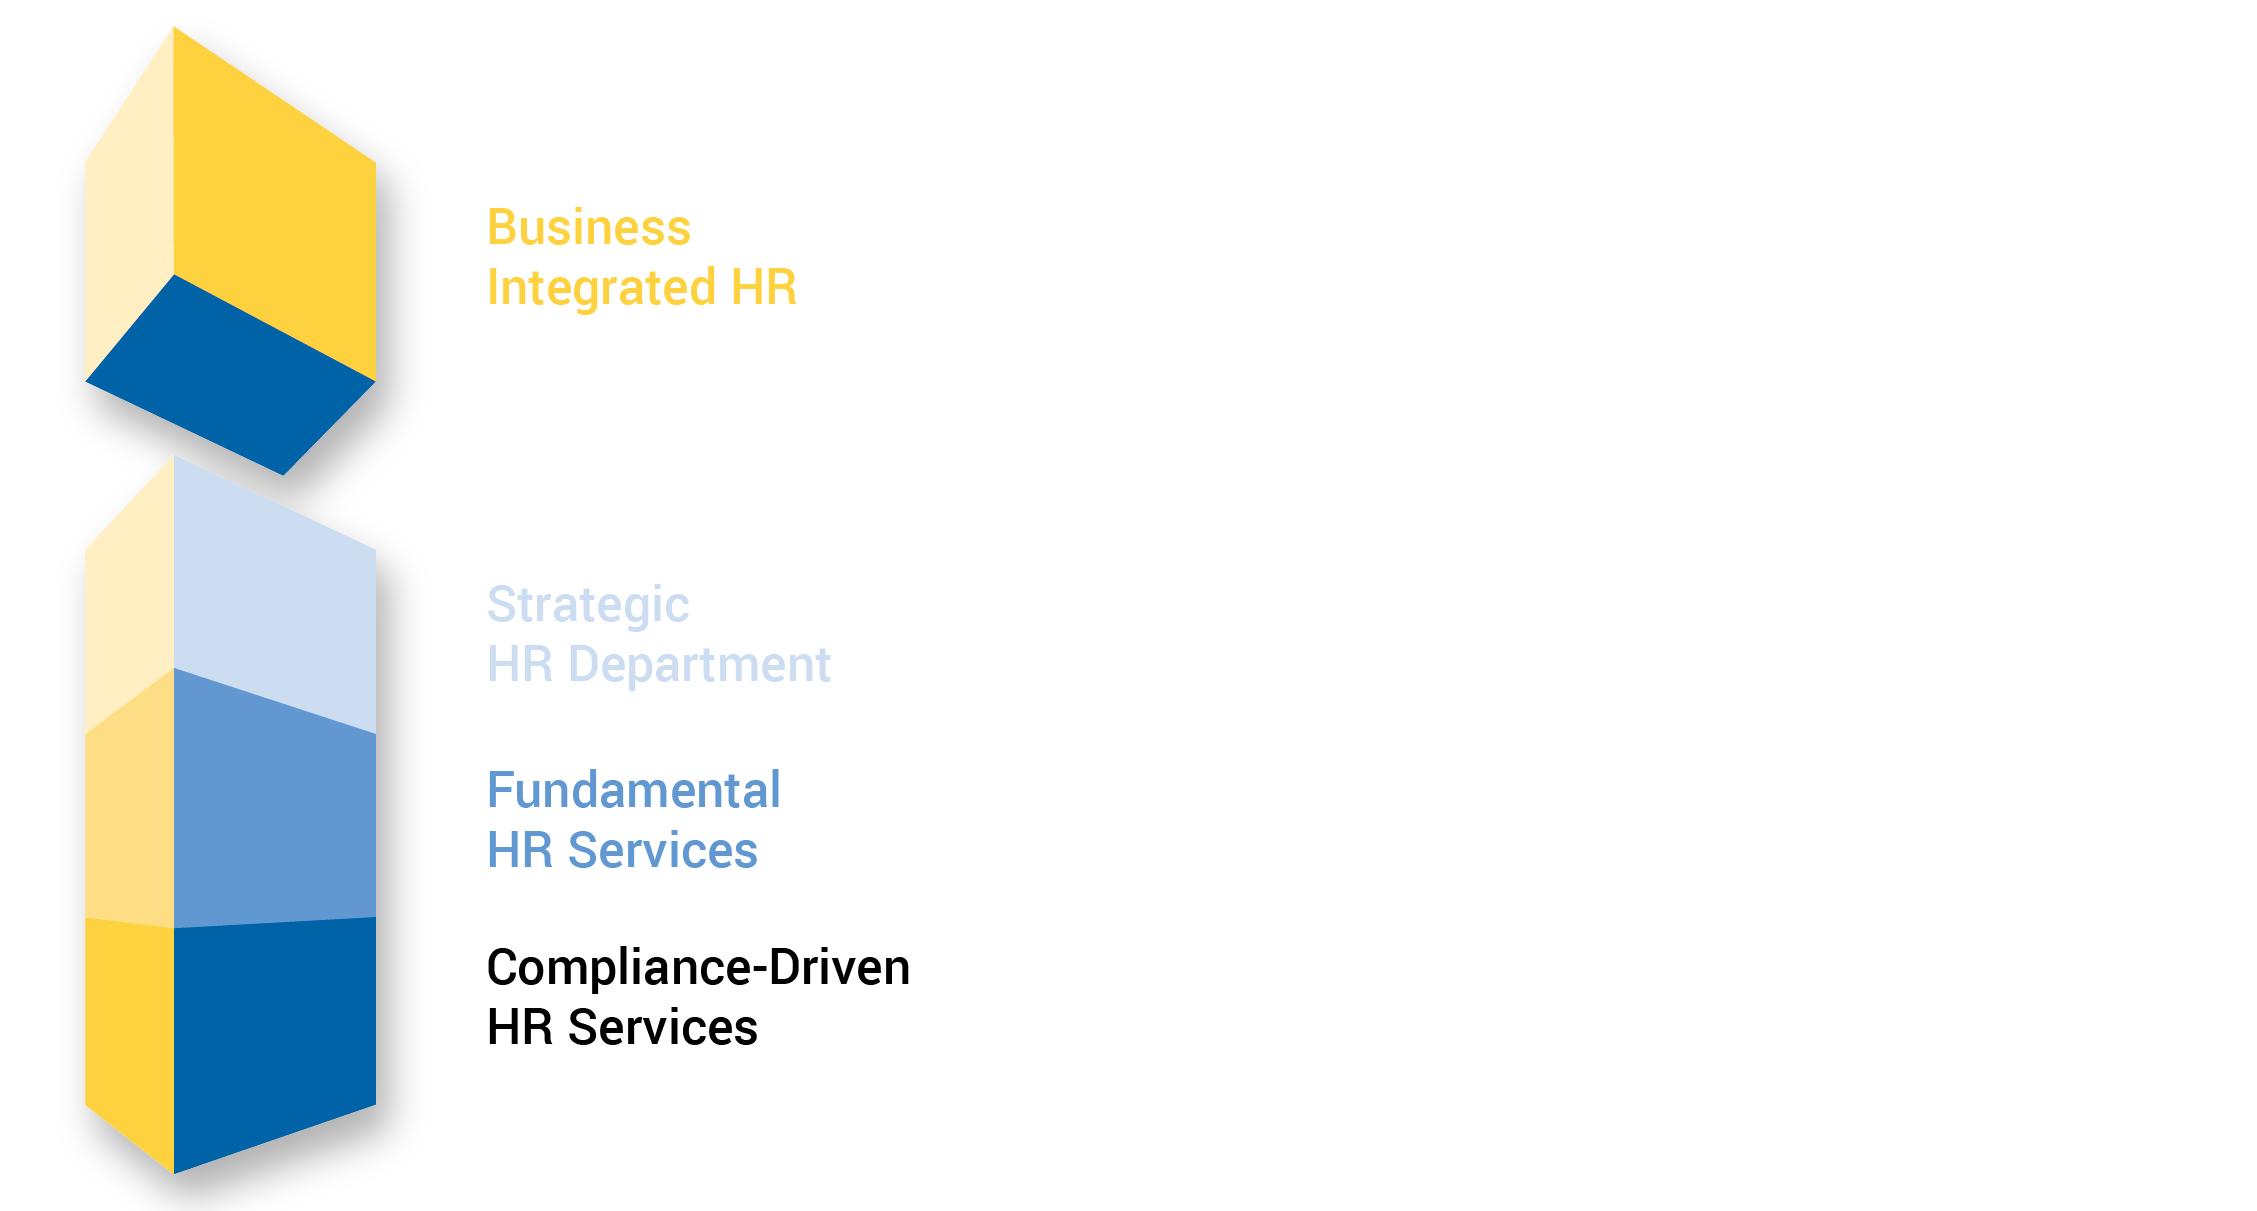 Compliance-Driven HR Services